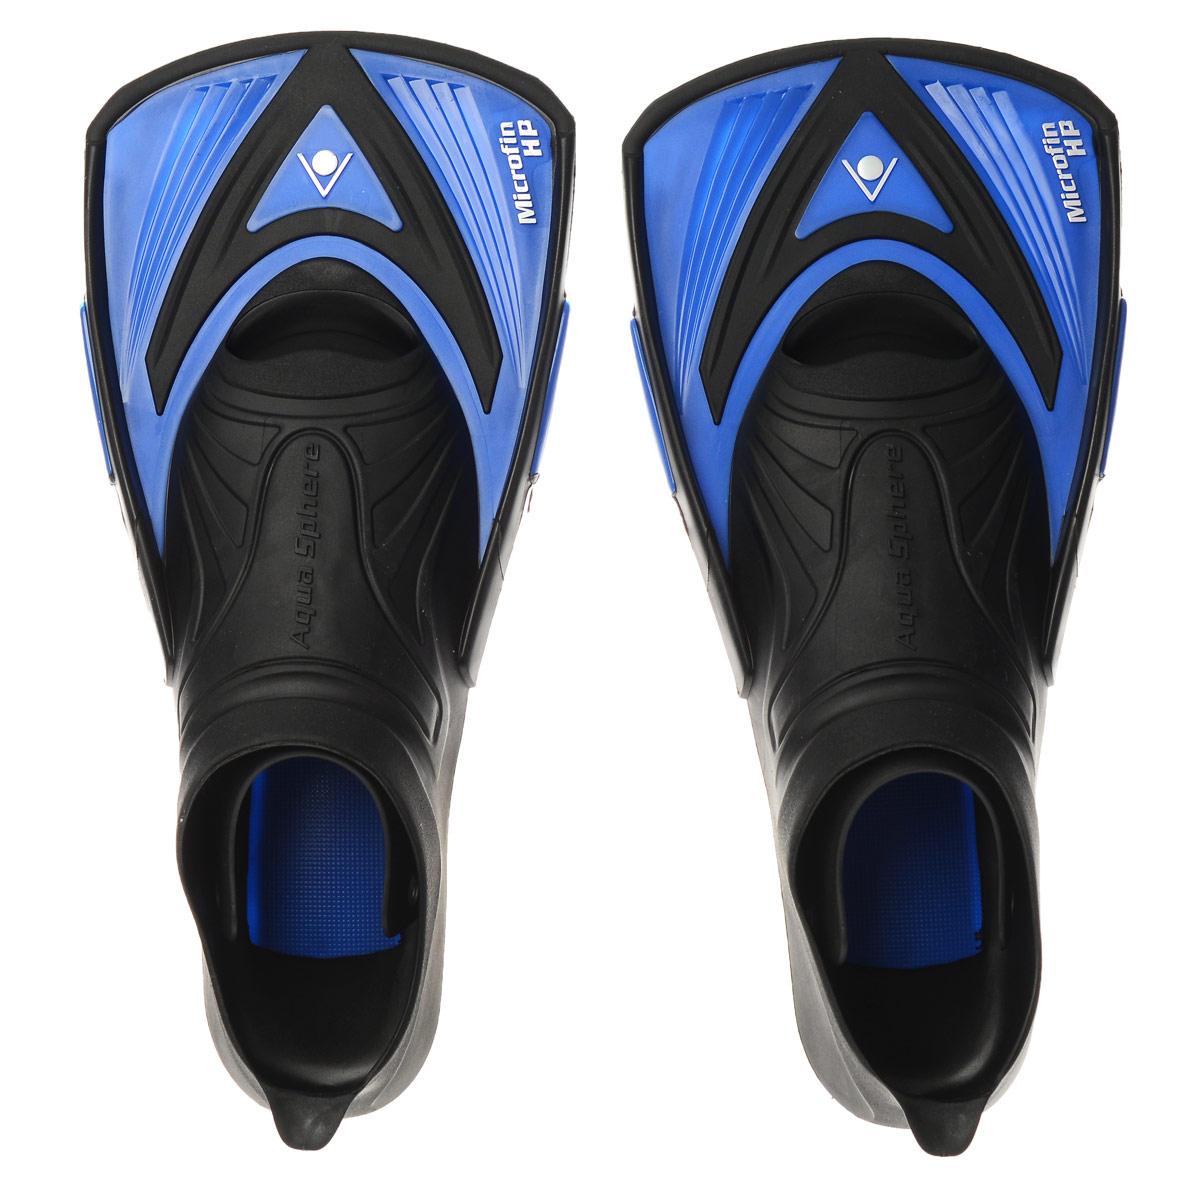 Ласты тренировочные Aqua Sphere Microfin HP, цвет: синий. Размер 42/43TN 221410 (205400)Aqua Sphere Microfin HP - это ласты для энергичной манеры плавания, предназначенные для серьезных спортивных тренировок. Уникальный дизайн ласт обеспечивает достаточное сопротивление воды для силовых тренировок и поддерживает ноги близко к поверхности воды - таким образом, пловец занимает правильное положение, гарантирующее максимальную обтекаемость. Особенности: Галоша с закрытой пяткой выполнена из прочного термопластика. Короткие лопасти удерживают ноги пловца близко к поверхности воды. Позволяют развивать силу мышц и поддерживать их в тонусе, одновременно совершенствуя технику плавания.